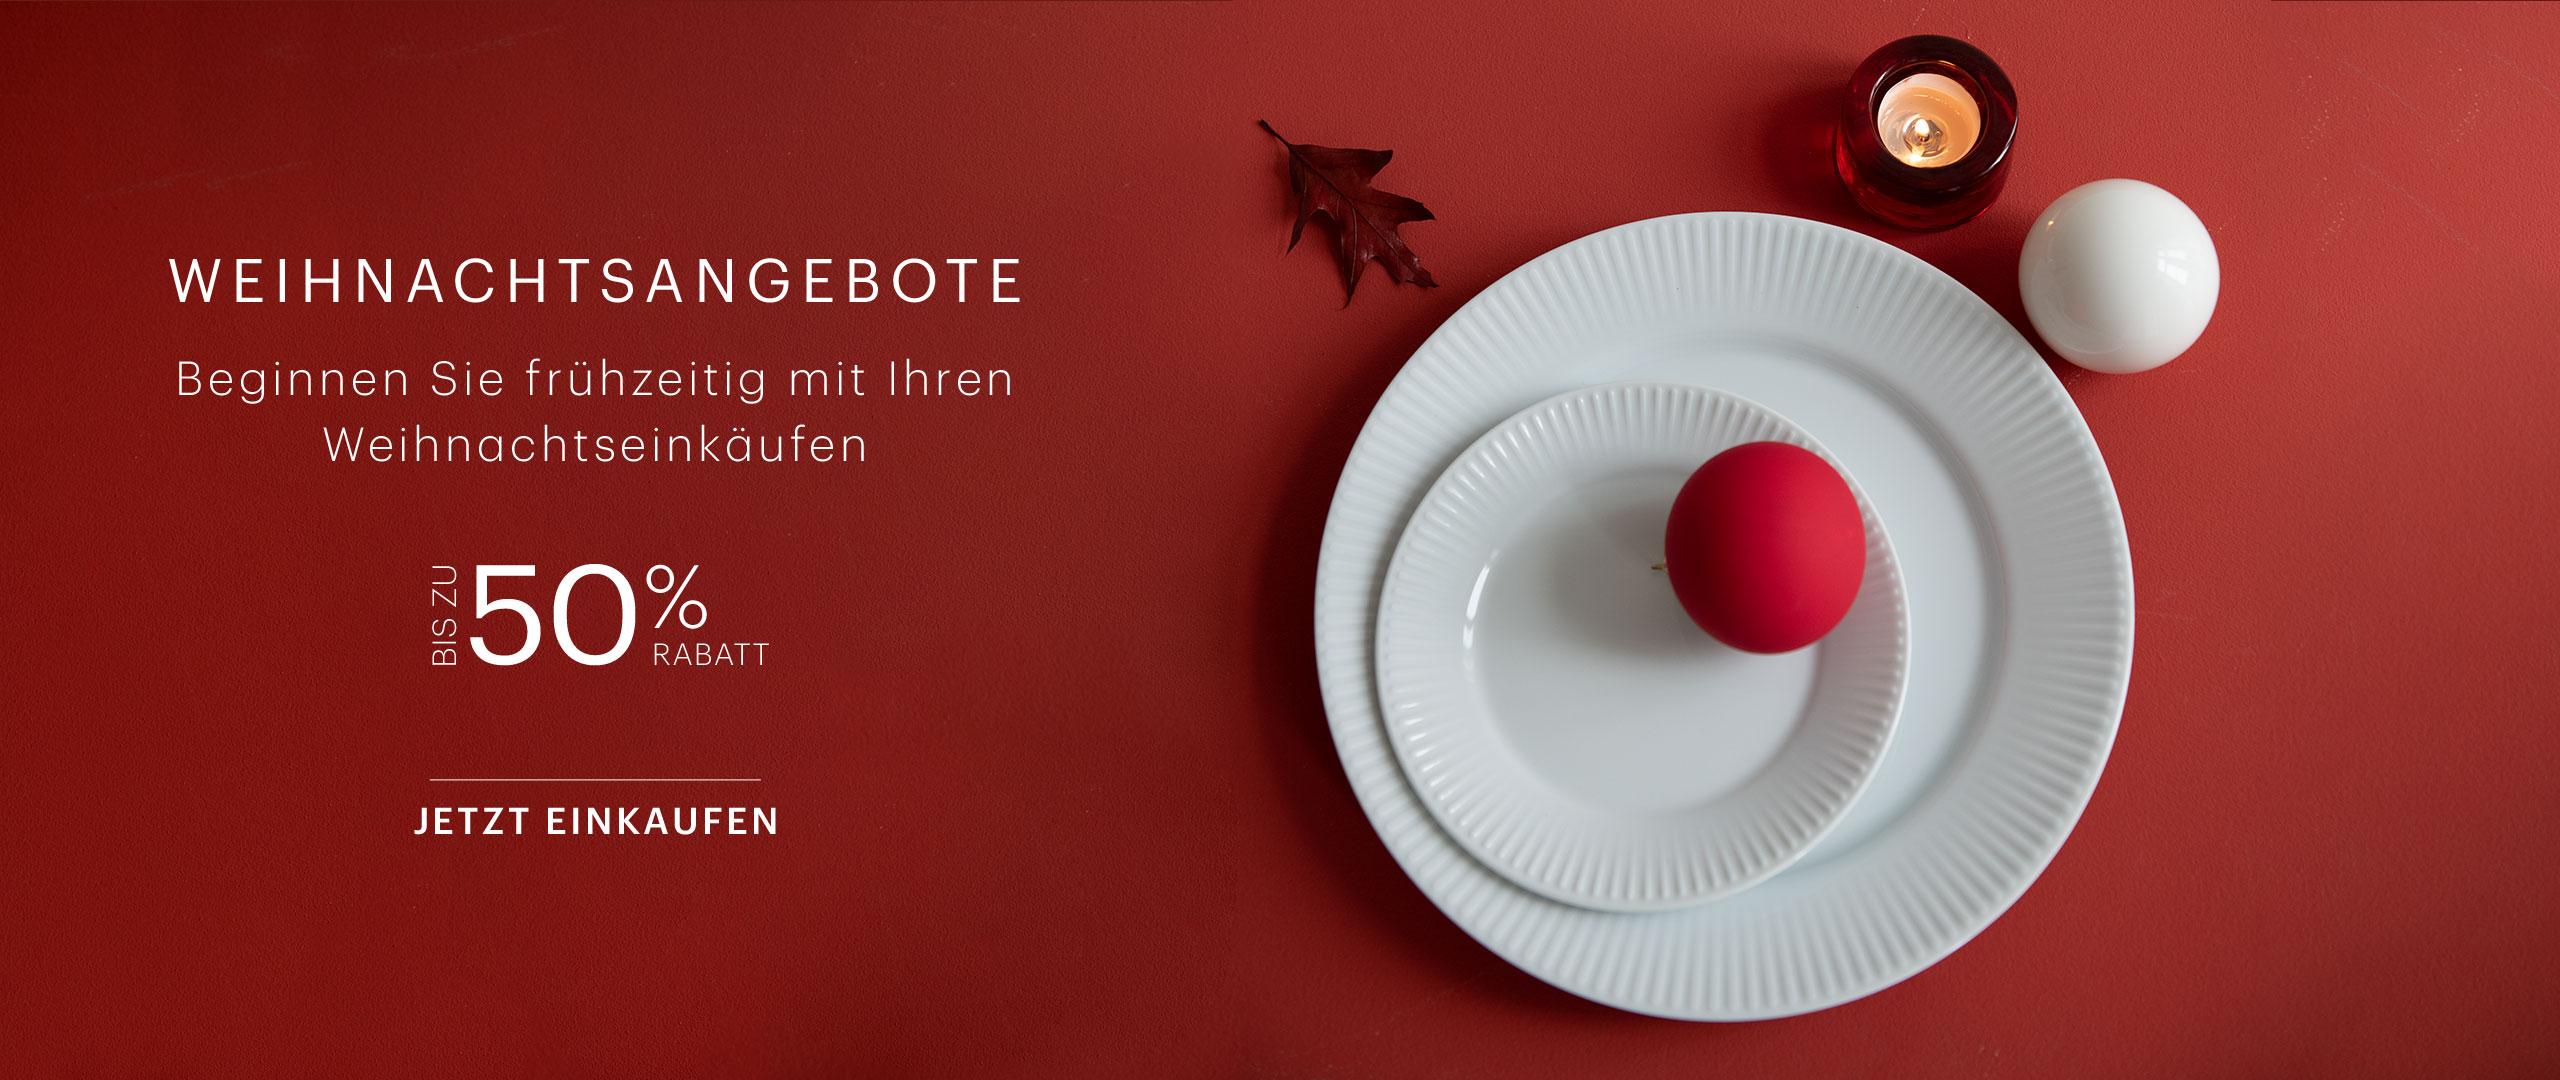 BEU [DE] - Christmas